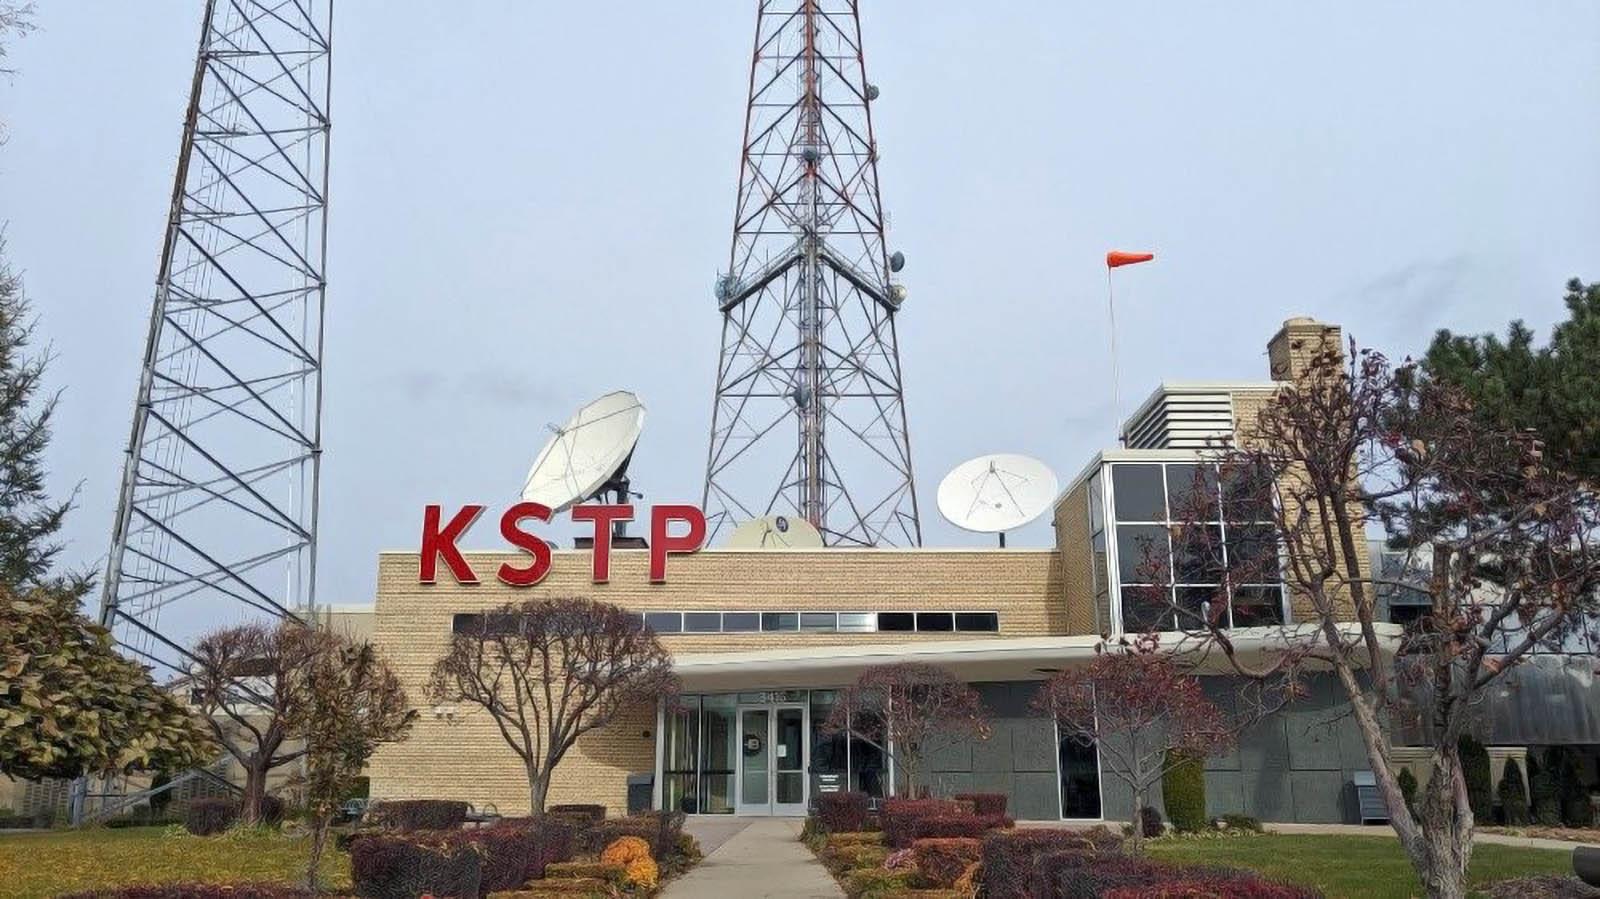 KSTP News Studio Building